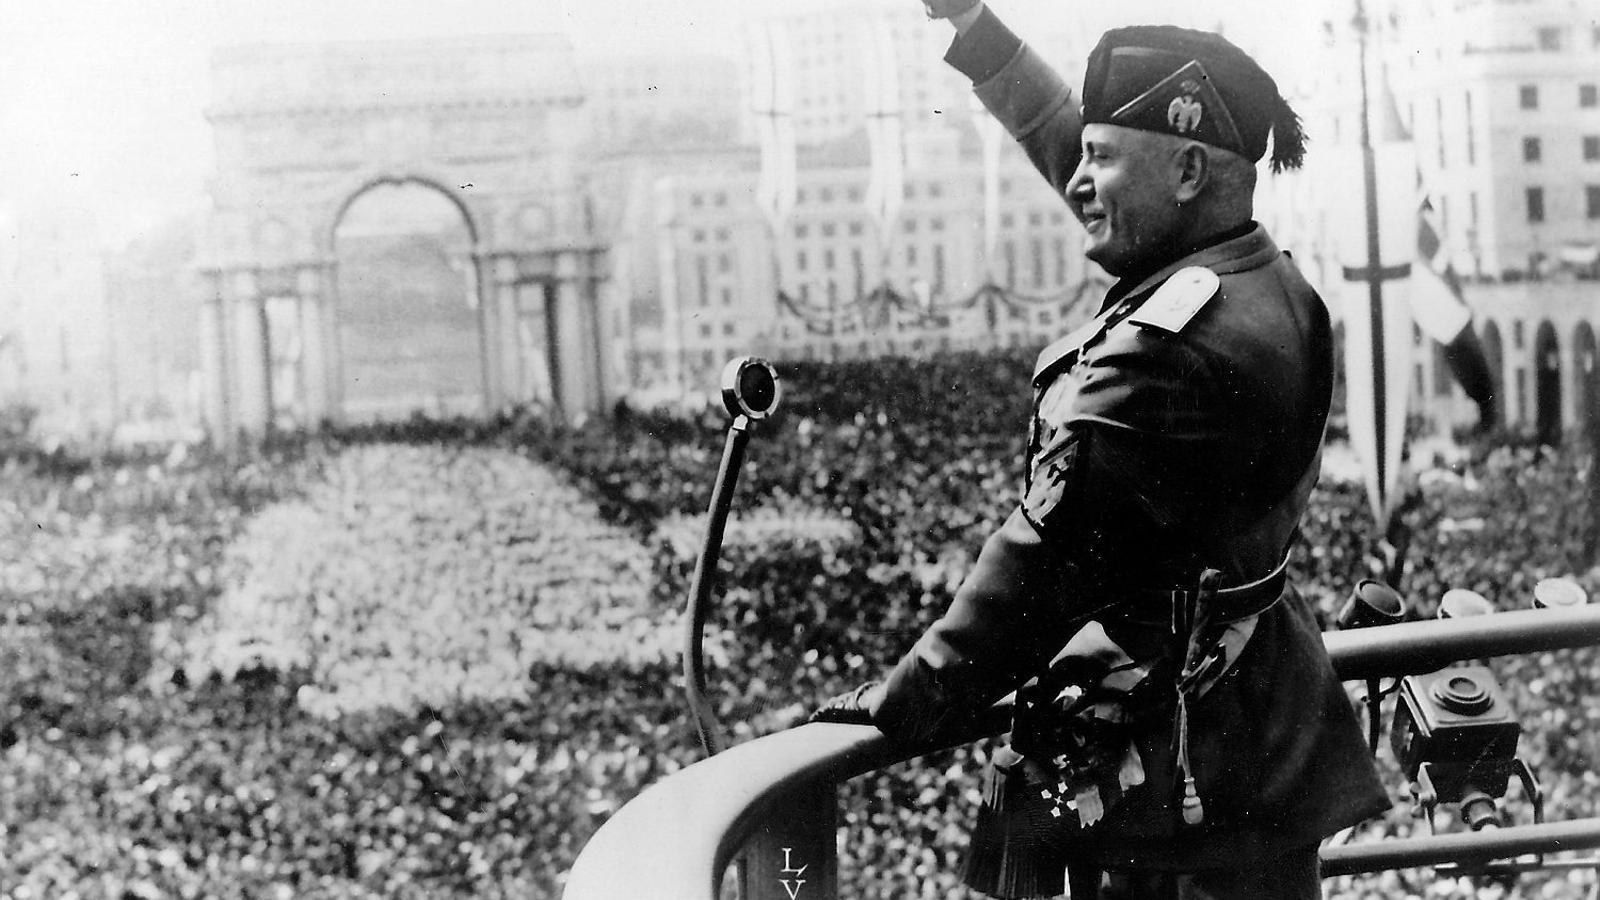 01. El dictador italià Benito Mussolini (1883-1945) saludant en una audiència pública. 02. L'escriptor i professor Antonio Scurati (Nàpols, 1969), autor de M. El hijo del siglo, en una imatge d'arxiu.